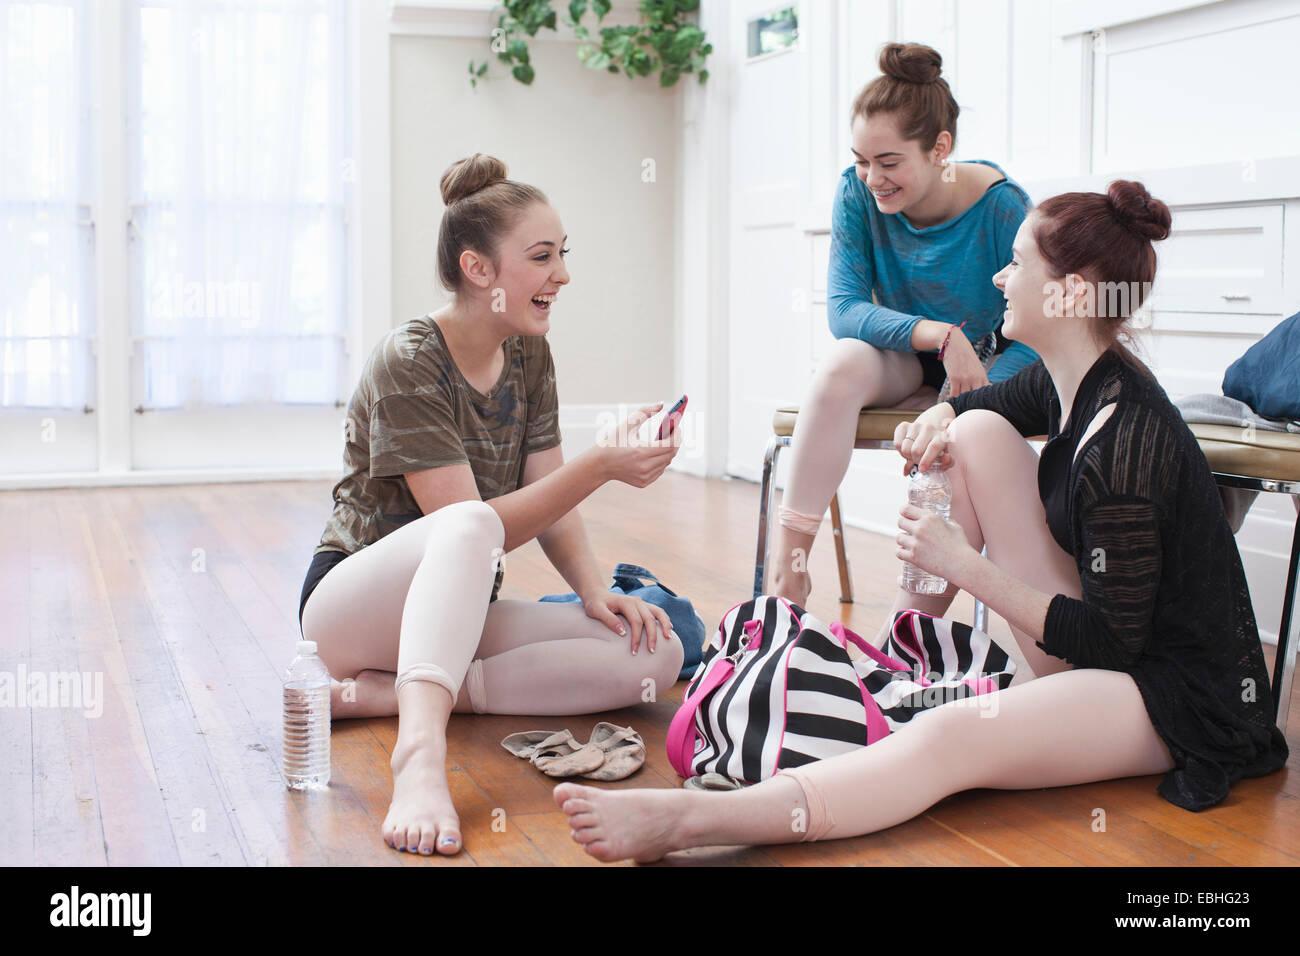 Trois adolescentes bavardant et riant dans ballet school Photo Stock